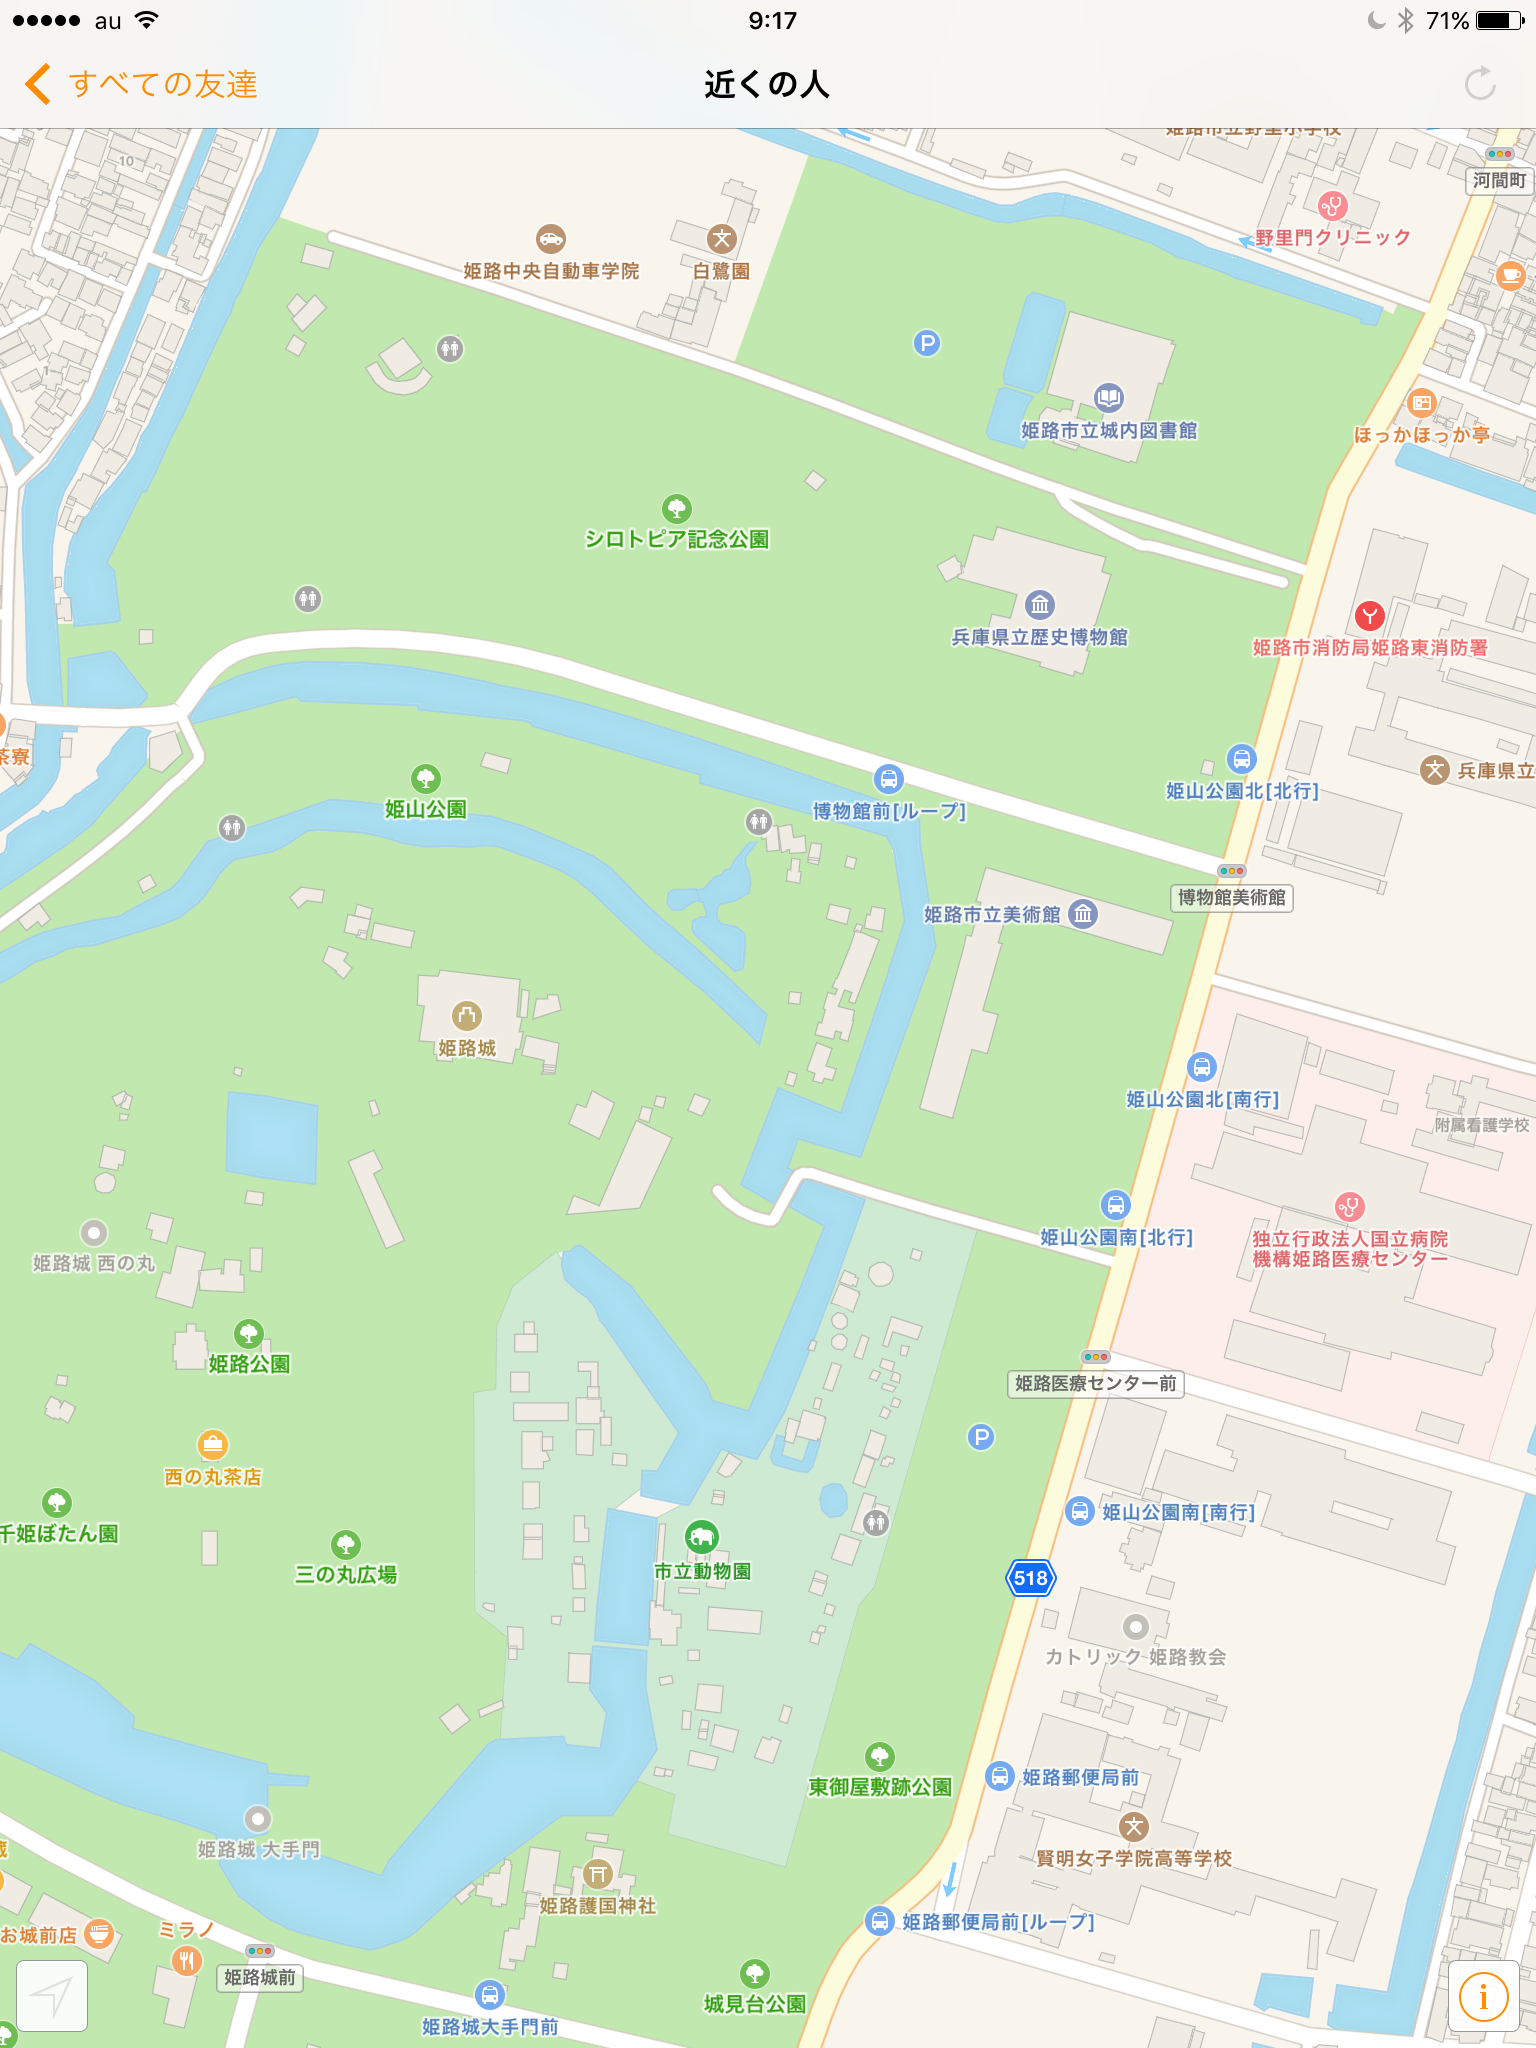 シロトピア公園